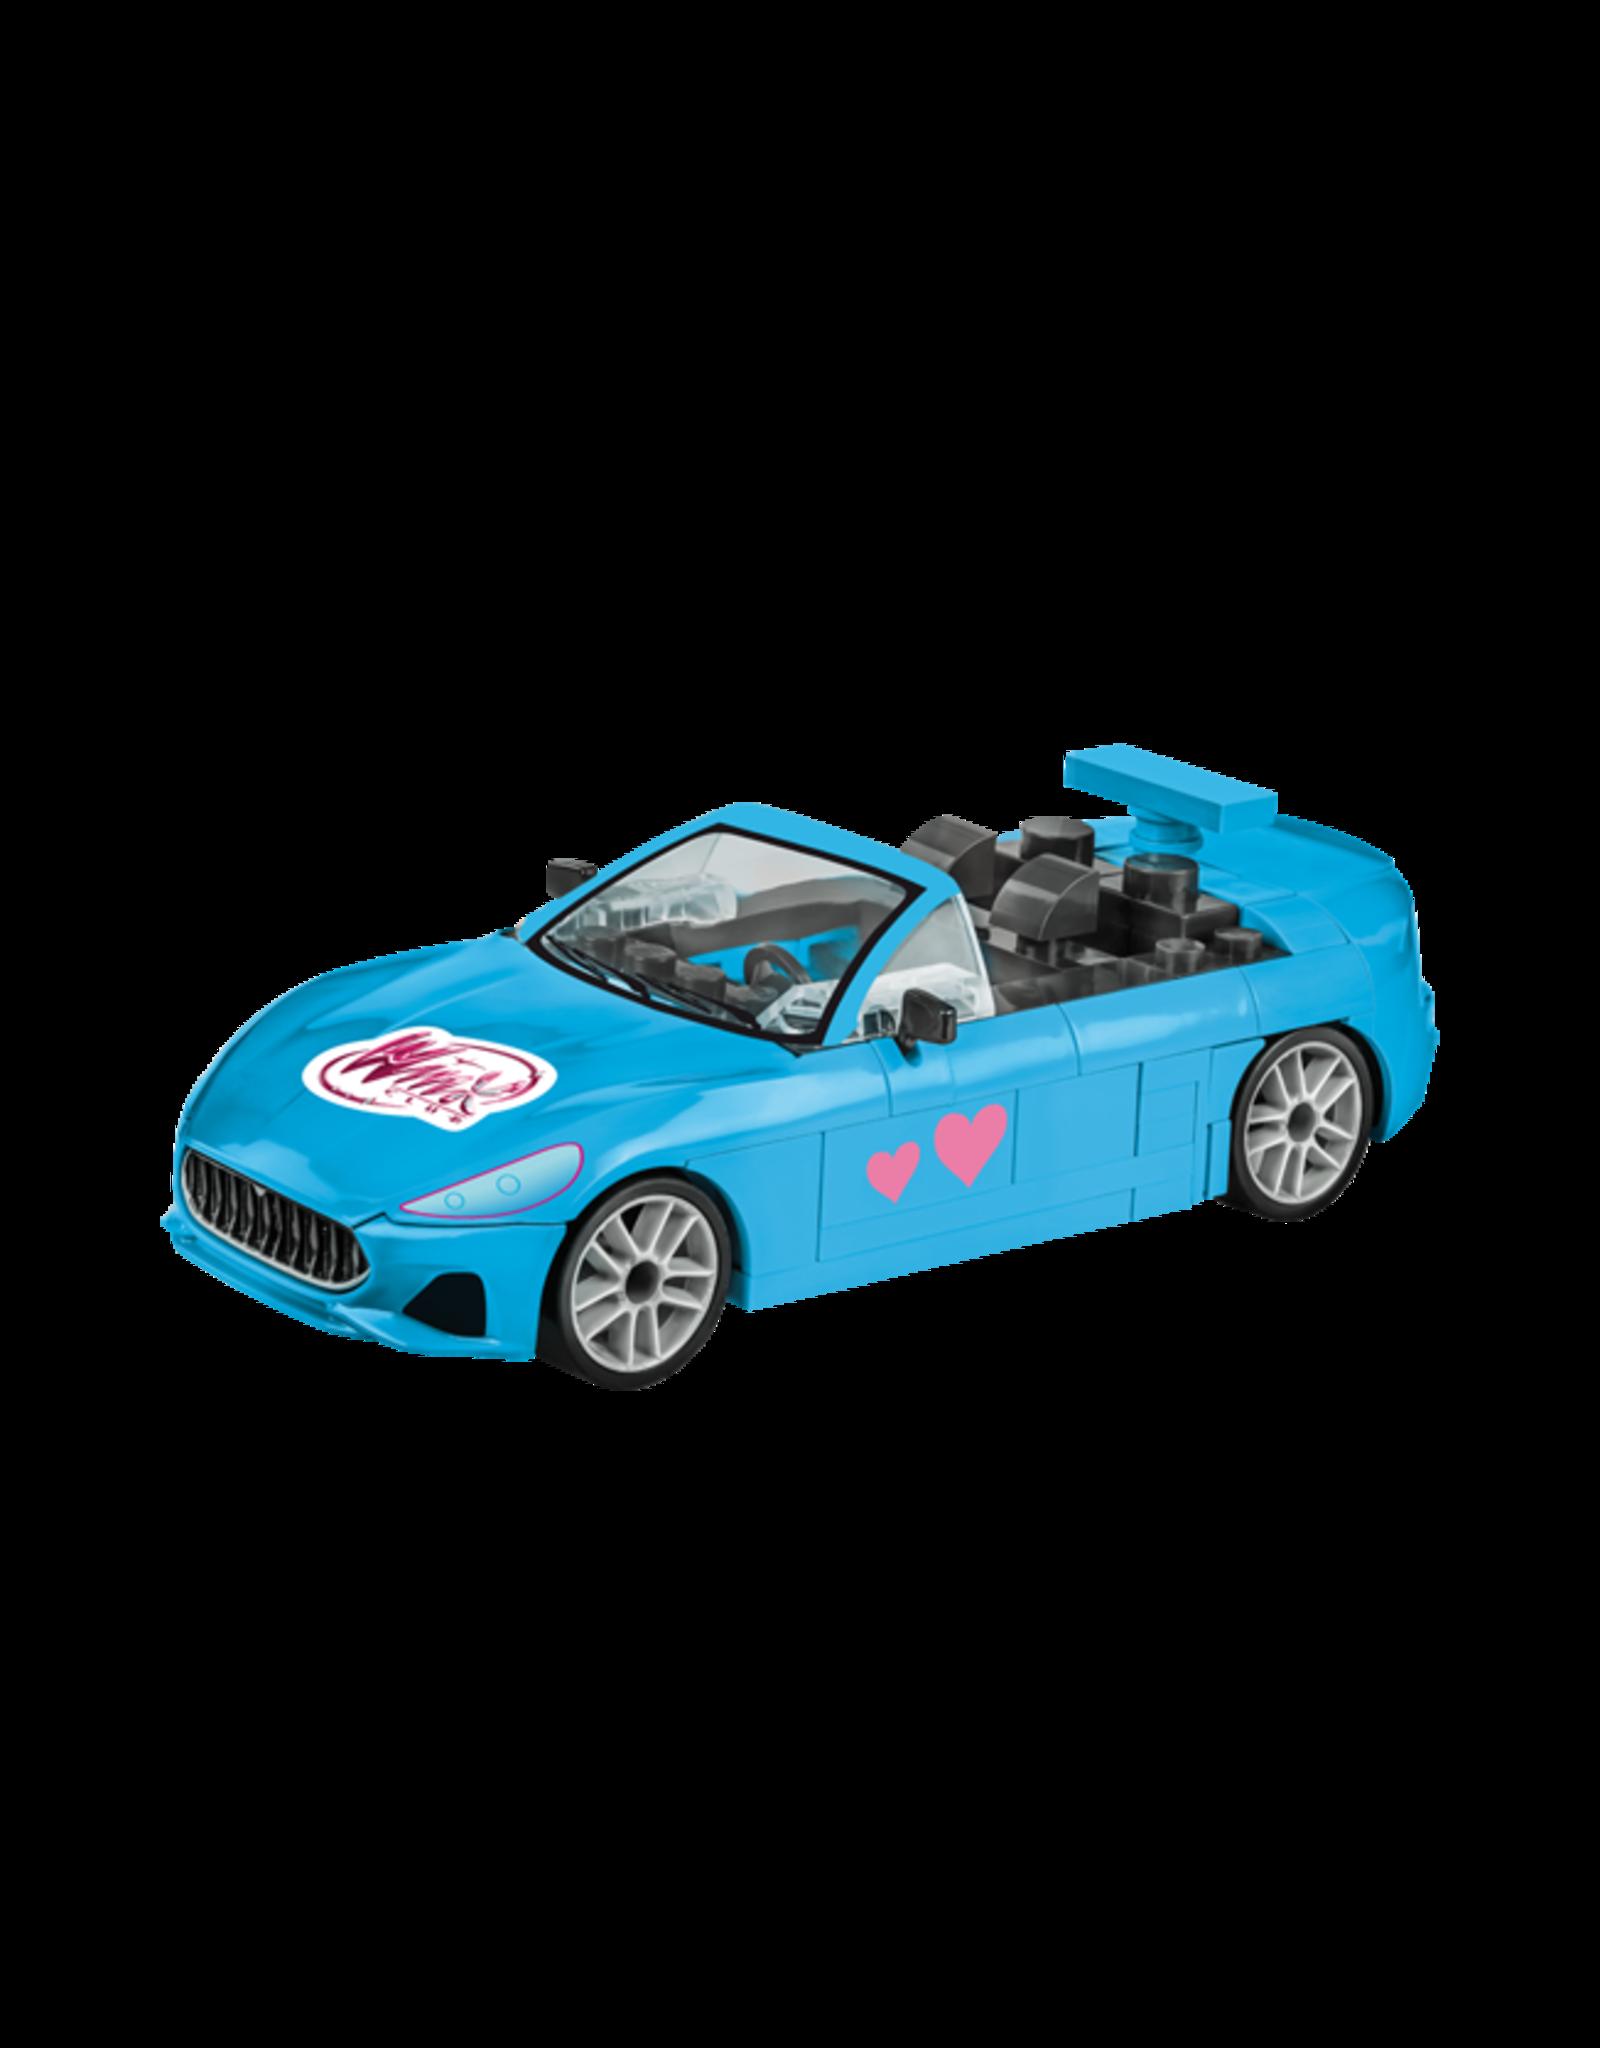 COBI COBI Winx 25086 - Winx Bloom's Car